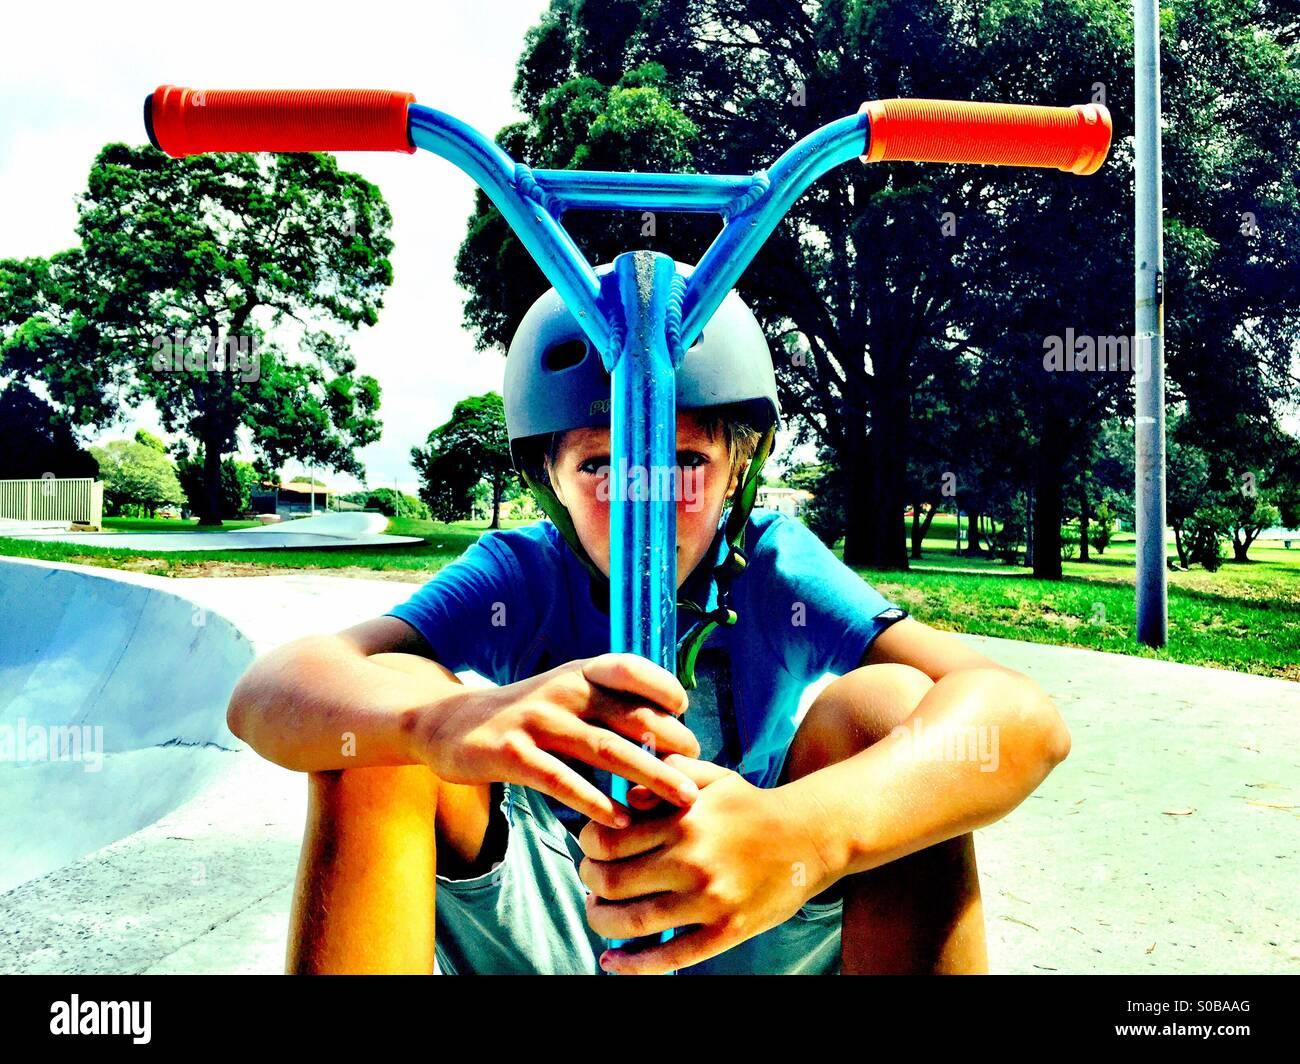 A dieci anni ragazzo con il suo scooter Immagini Stock